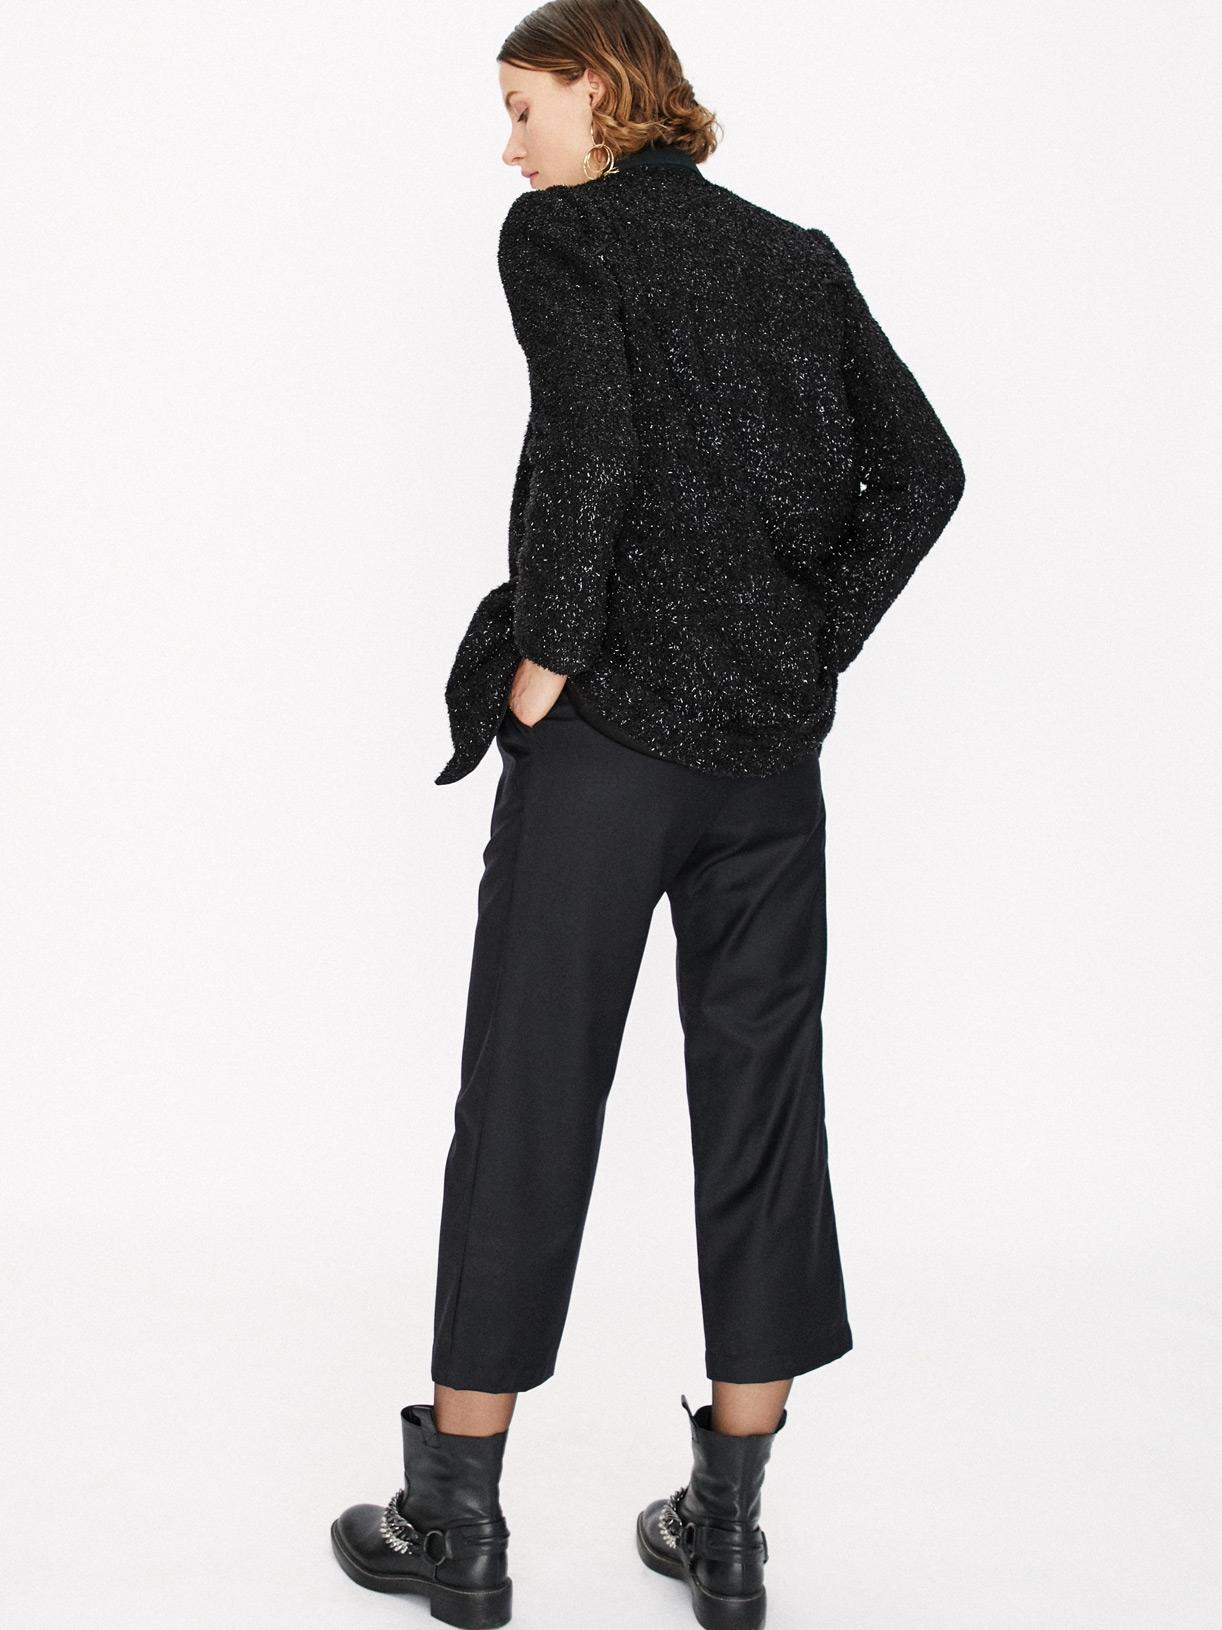 Pantalon court noir en laine éthique et sur-mesure Jules - Myphilosophy